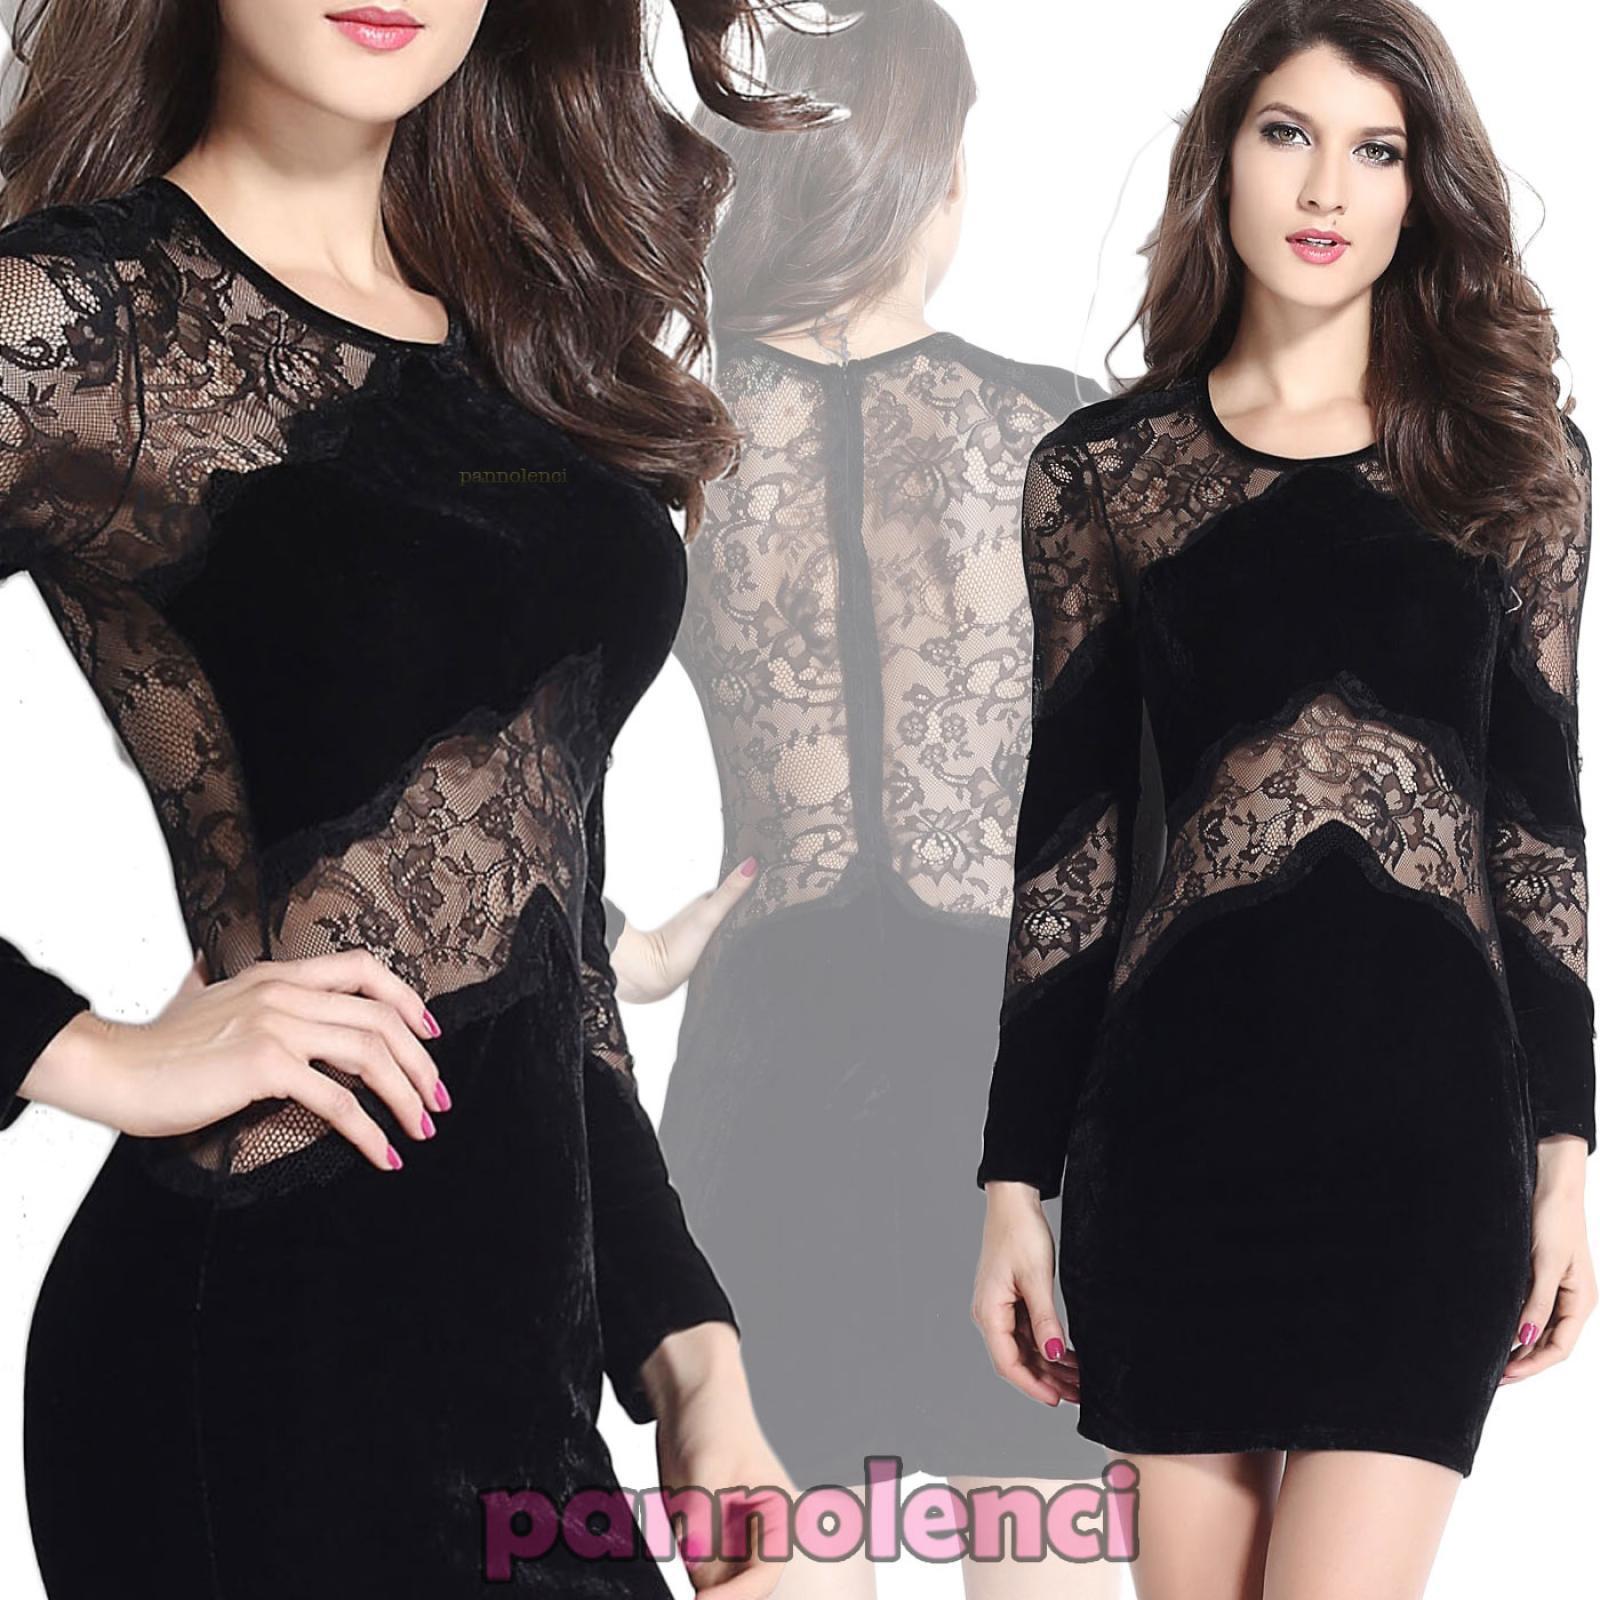 Vestito donna mini abito inserti pizzo trasparente elegante party party party sexy DL-1142 902973